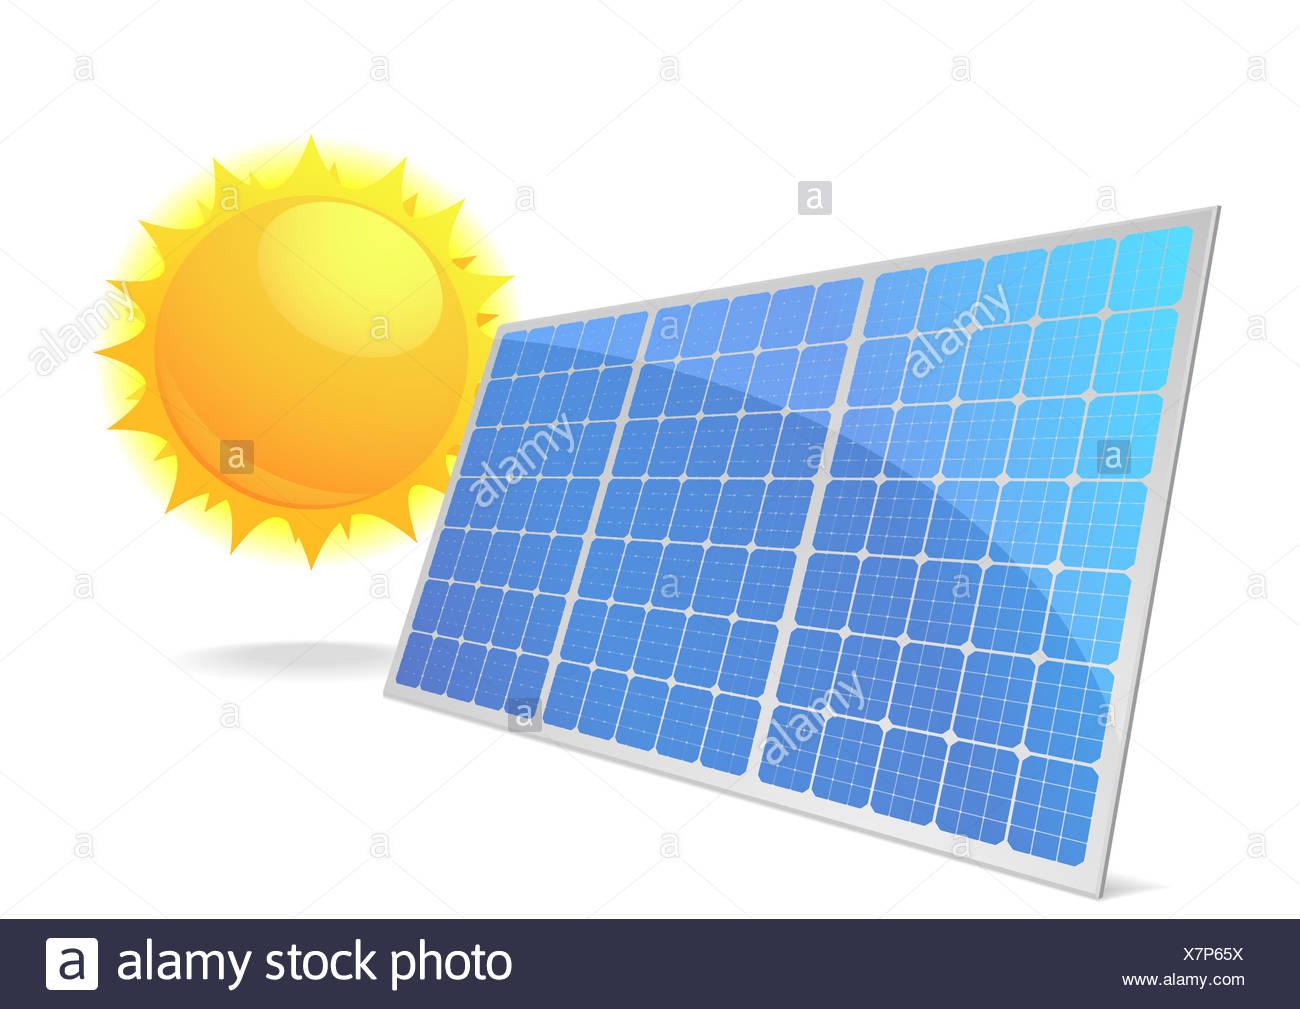 Solarzellen_06 - Stock Image